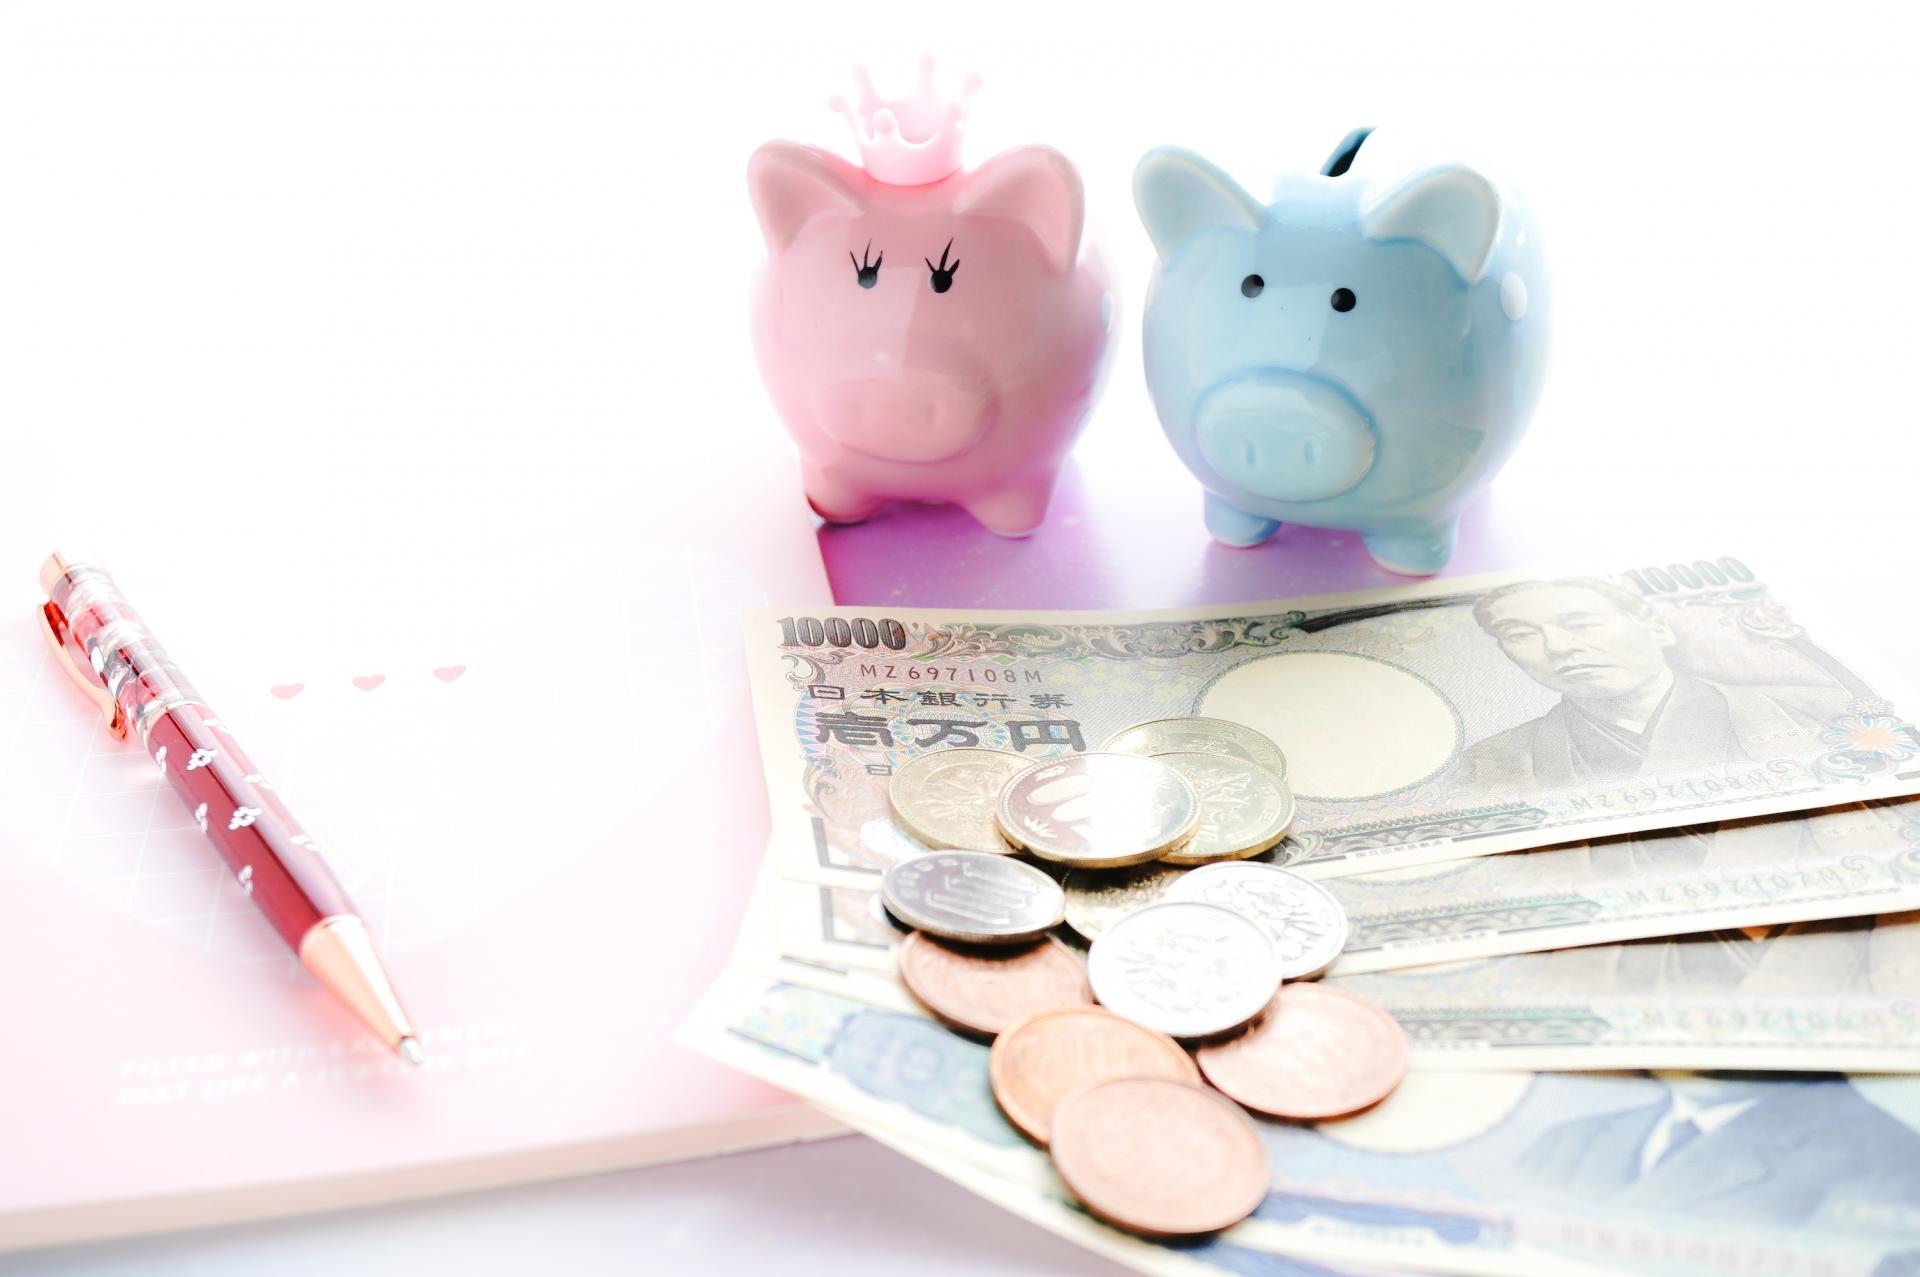 「みんないくら貯金してる?今どき子育て世代の貯蓄額と教育資金の貯め方」イメージ画像